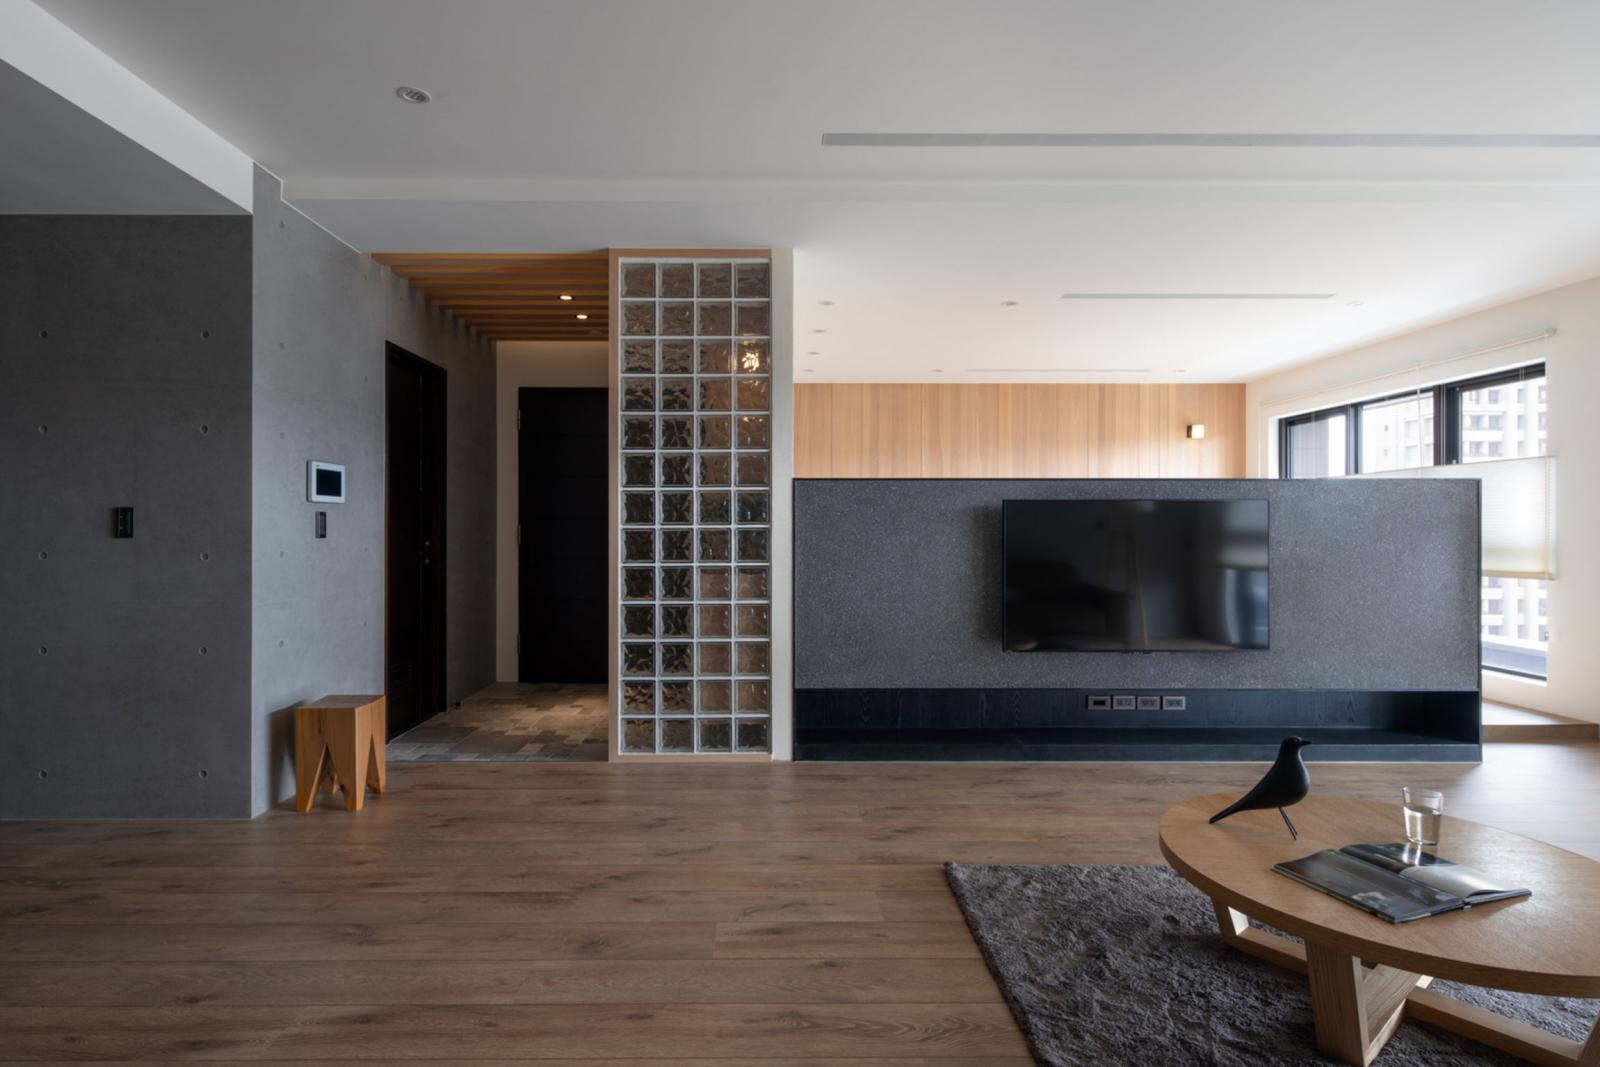 Thiết kế căn hộ hiện đại phong cách Zen